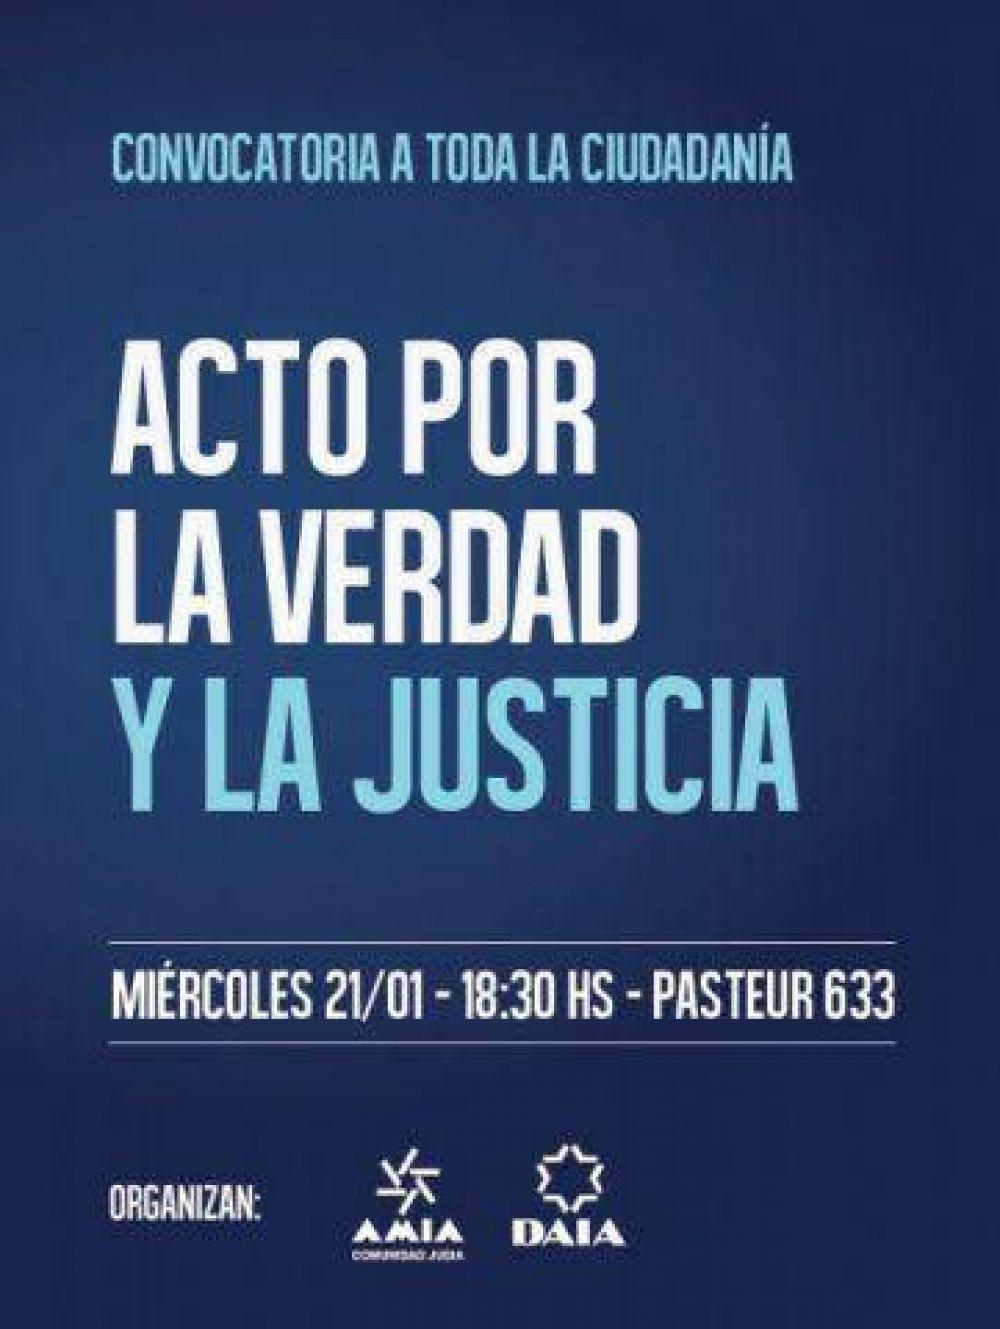 Acto por la verdad y la justicia